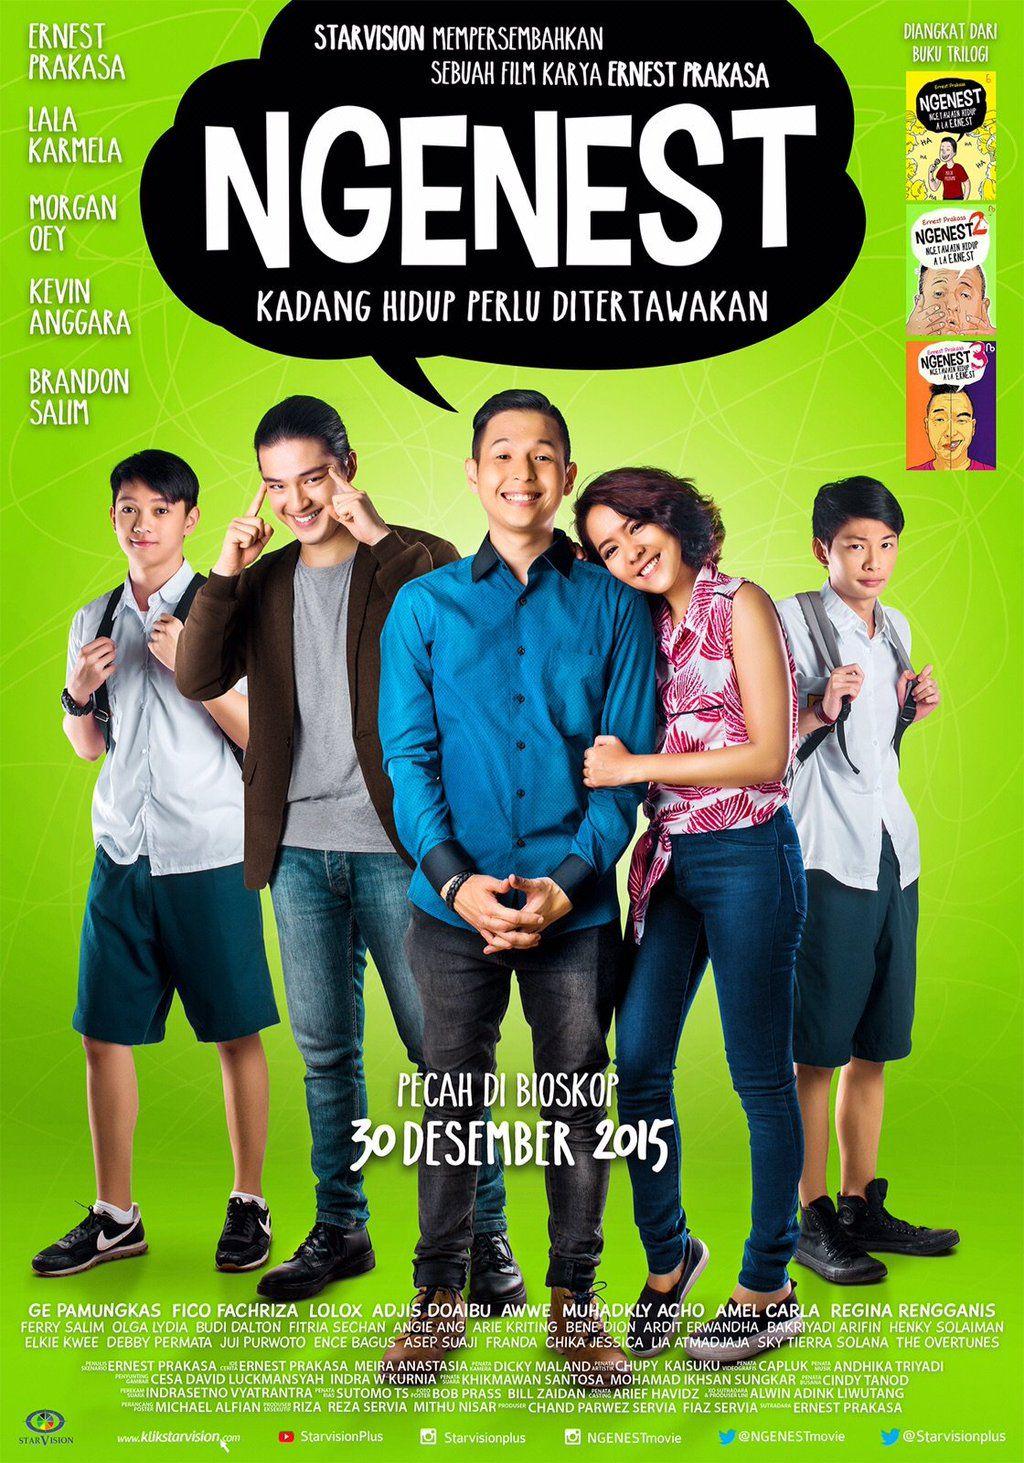 10 Film Indonesia Terbaik 2015